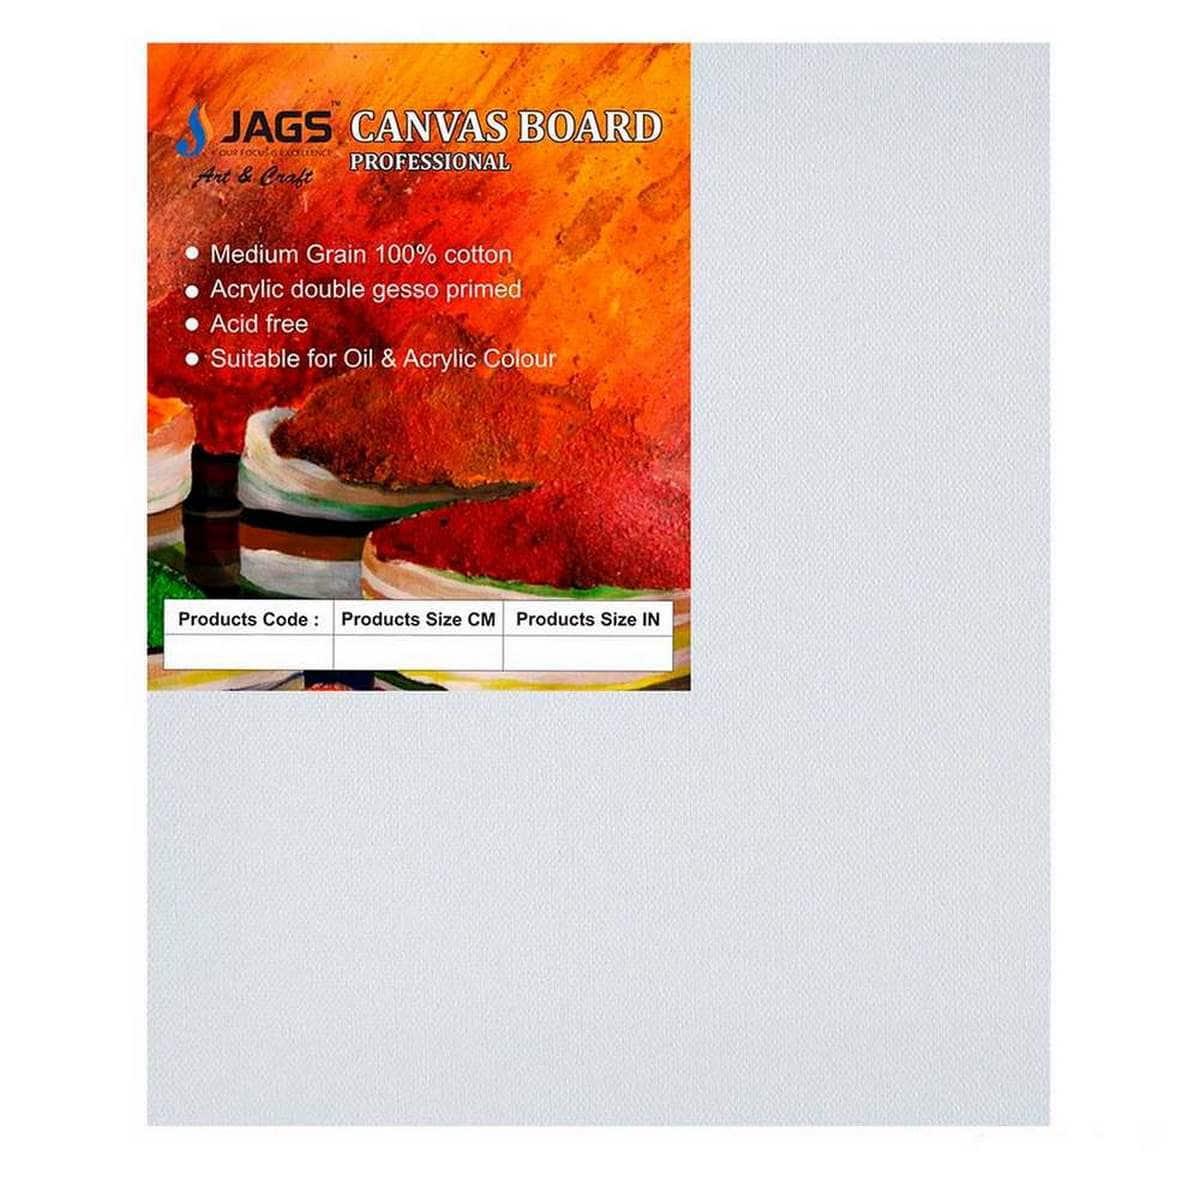 MDF White Canvas Board Size: 25.4X30.48 cm (10X12 Inches)